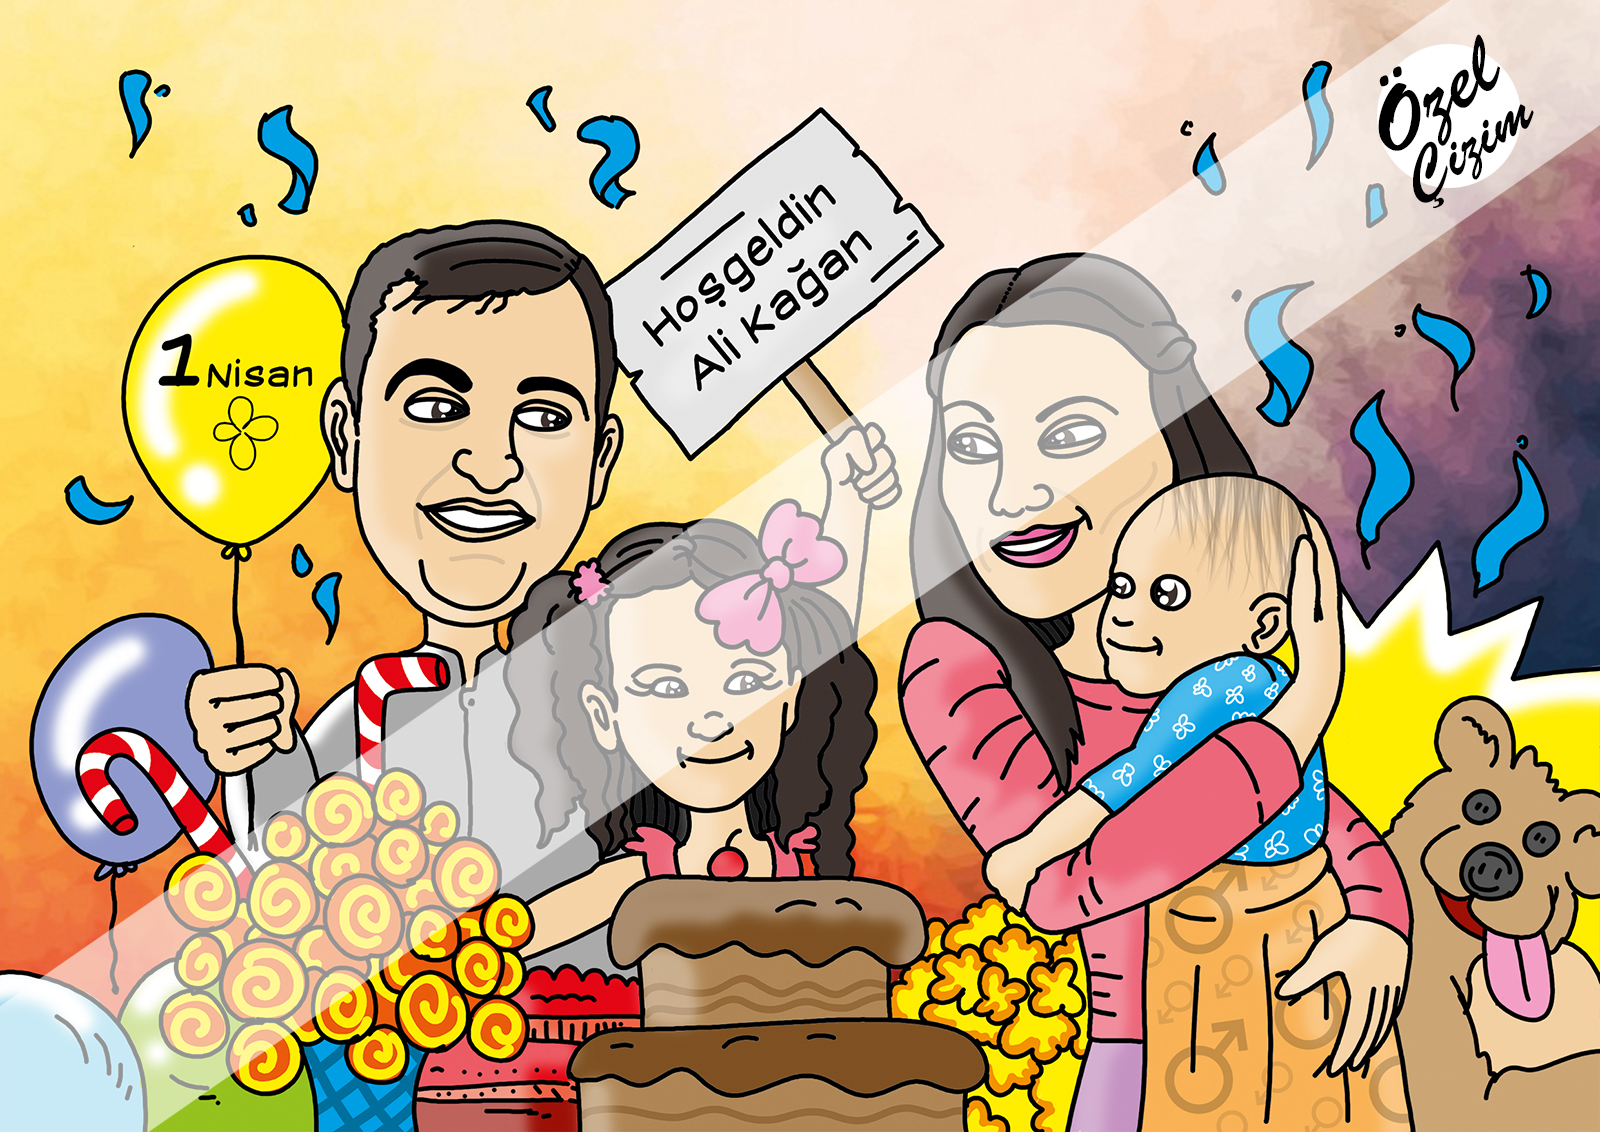 Özel Çizim, aile karikatürü, Doğum günü hediyesi, komik hediye, Hediye Karikatür, karikatür portre, eşinize hediye, komik doğum günü hediyesi, Karikatür Çizimleri, Hamilelik hediyesi